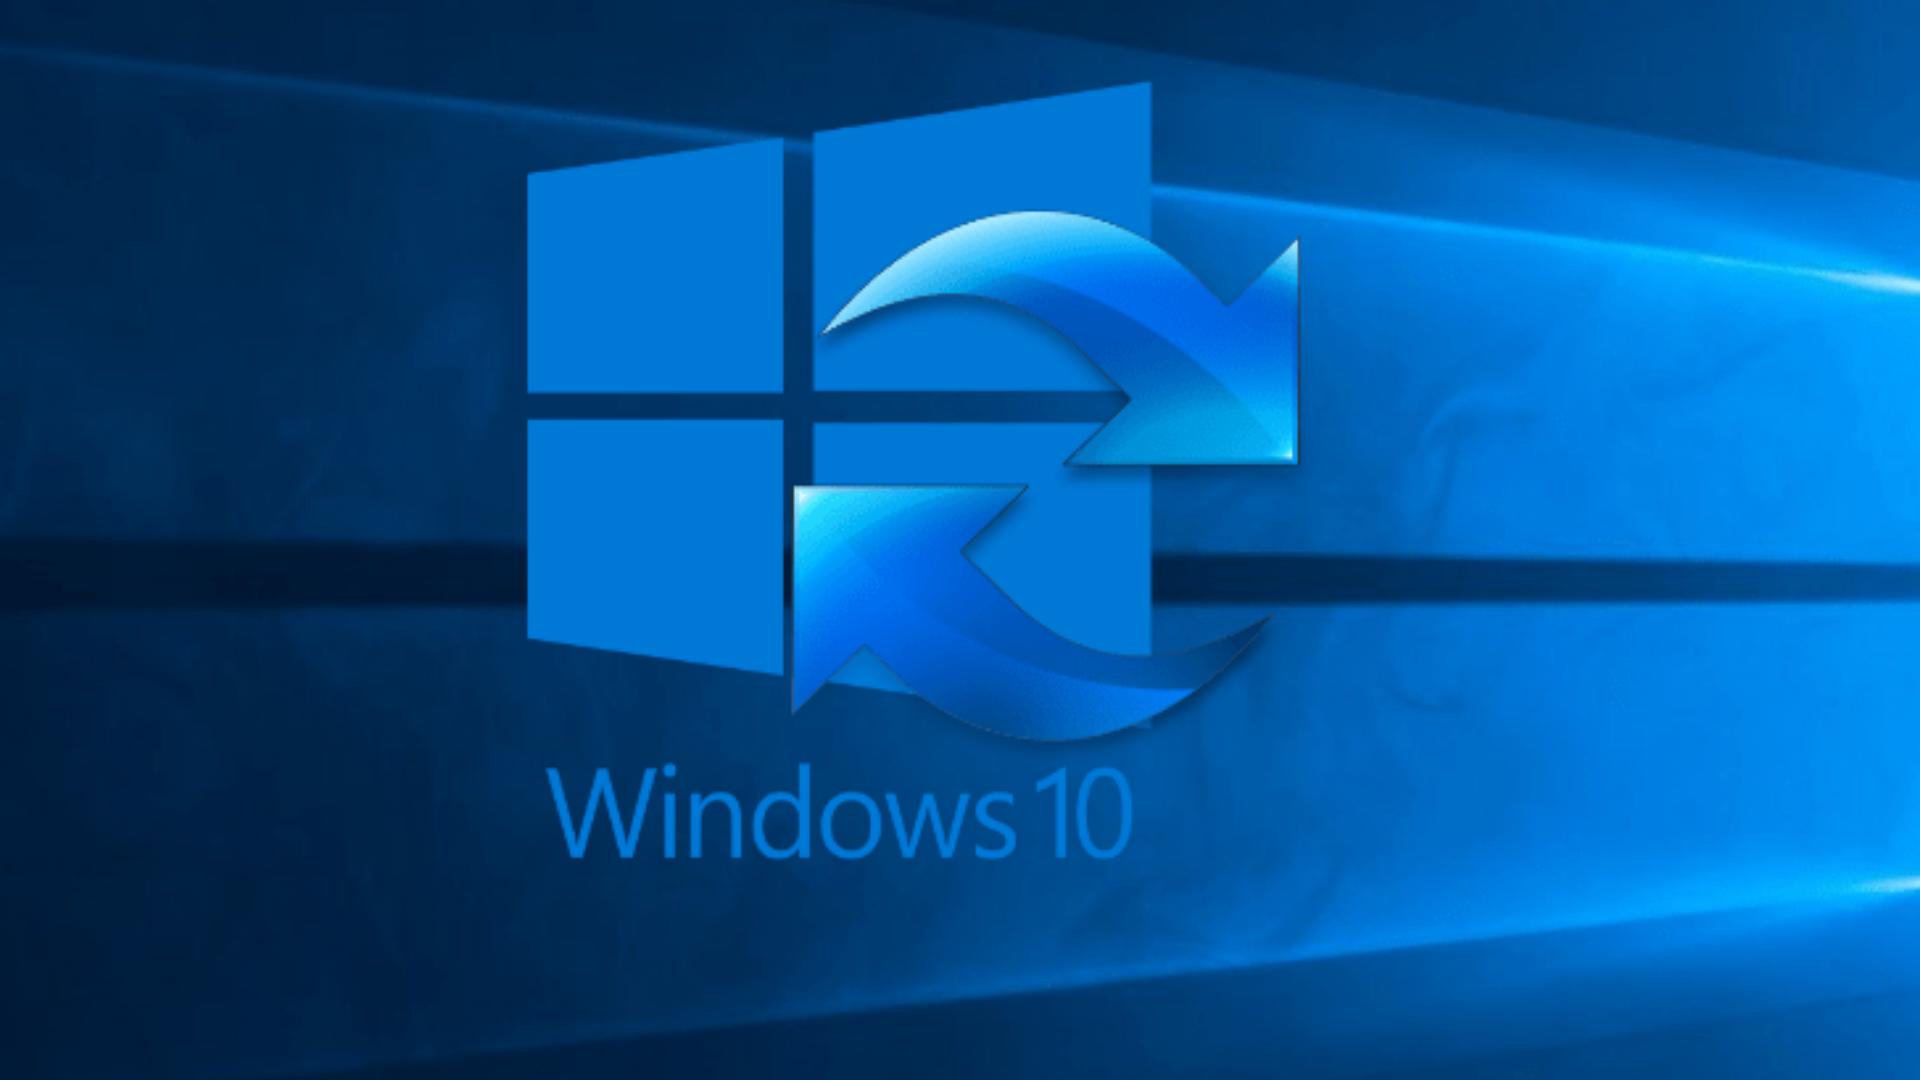 Windows 10'da Bilgisayarınızı Güvenli Mod'da Başlat